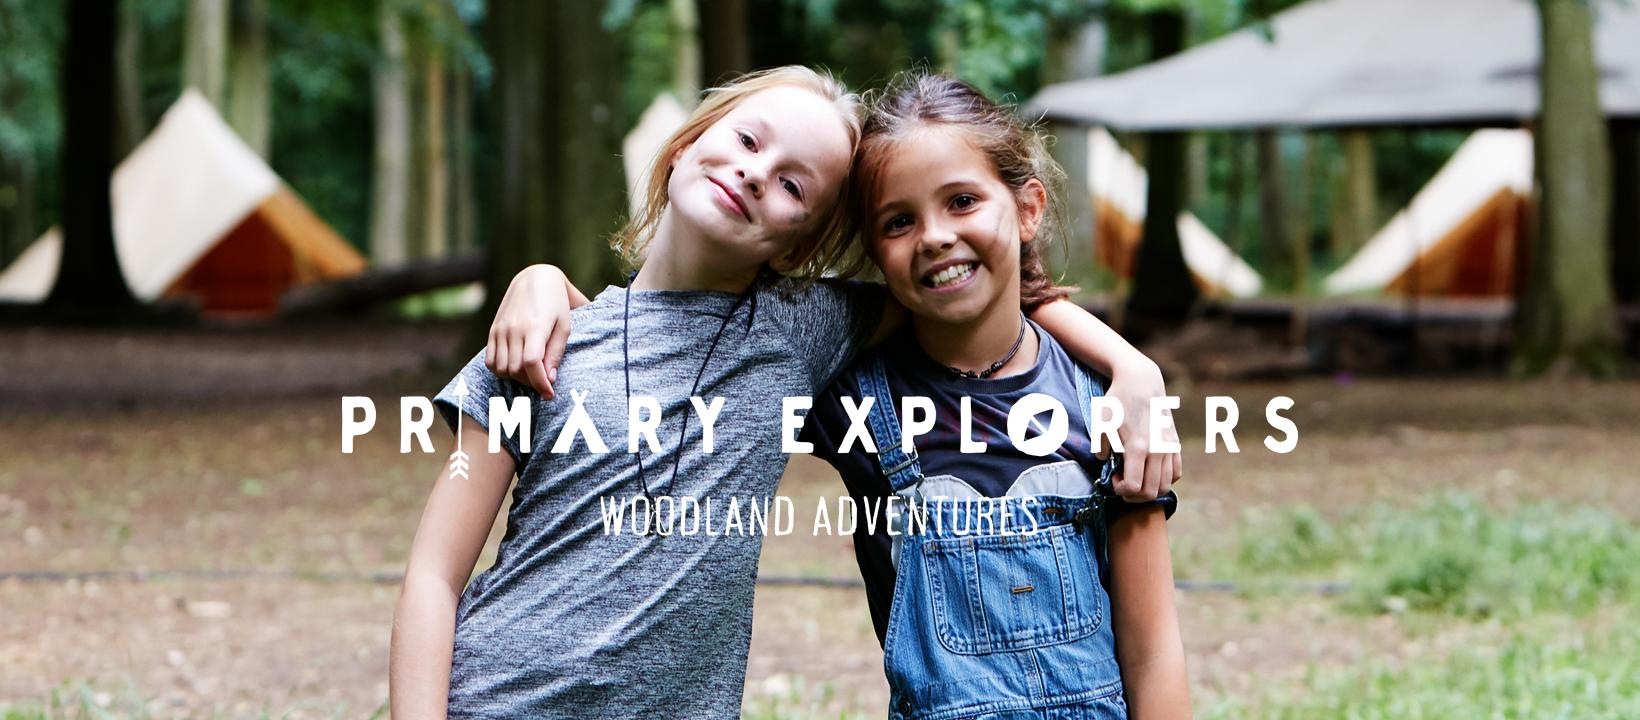 Primary Explorers Branding